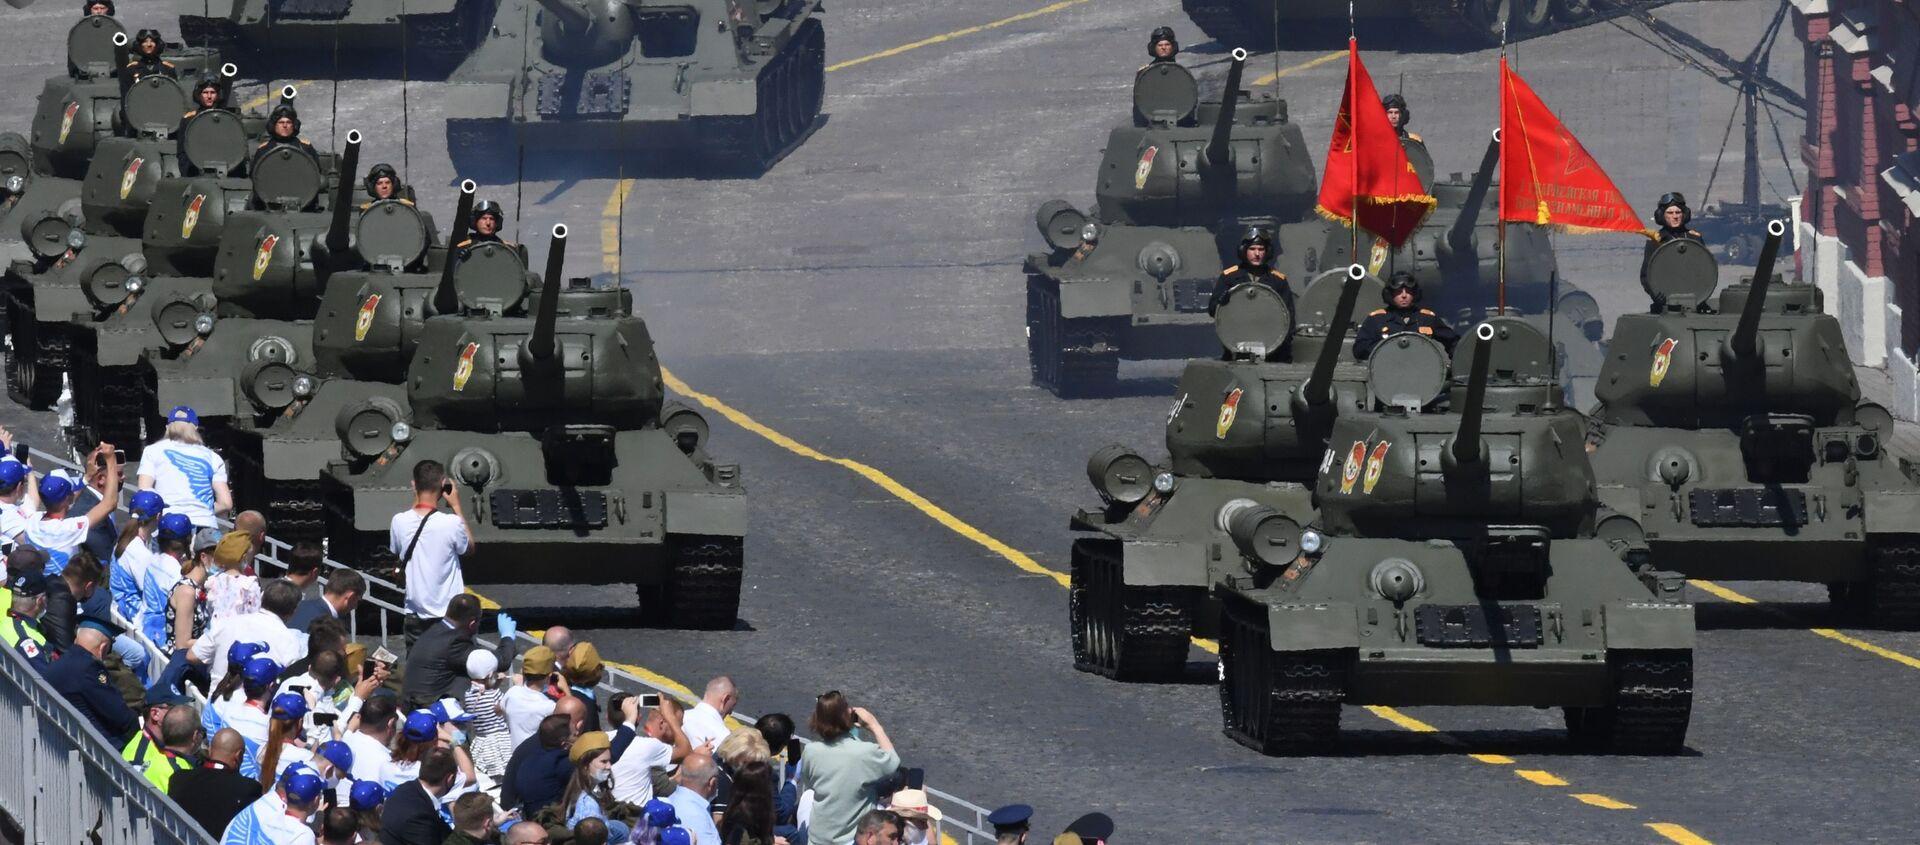 Defilada Zwycięstwa na Placu Czerwonym z okazji 75. rocznicy zwycięstwa nad hitlerowskimi Niemcami - Sputnik Polska, 1920, 18.04.2021